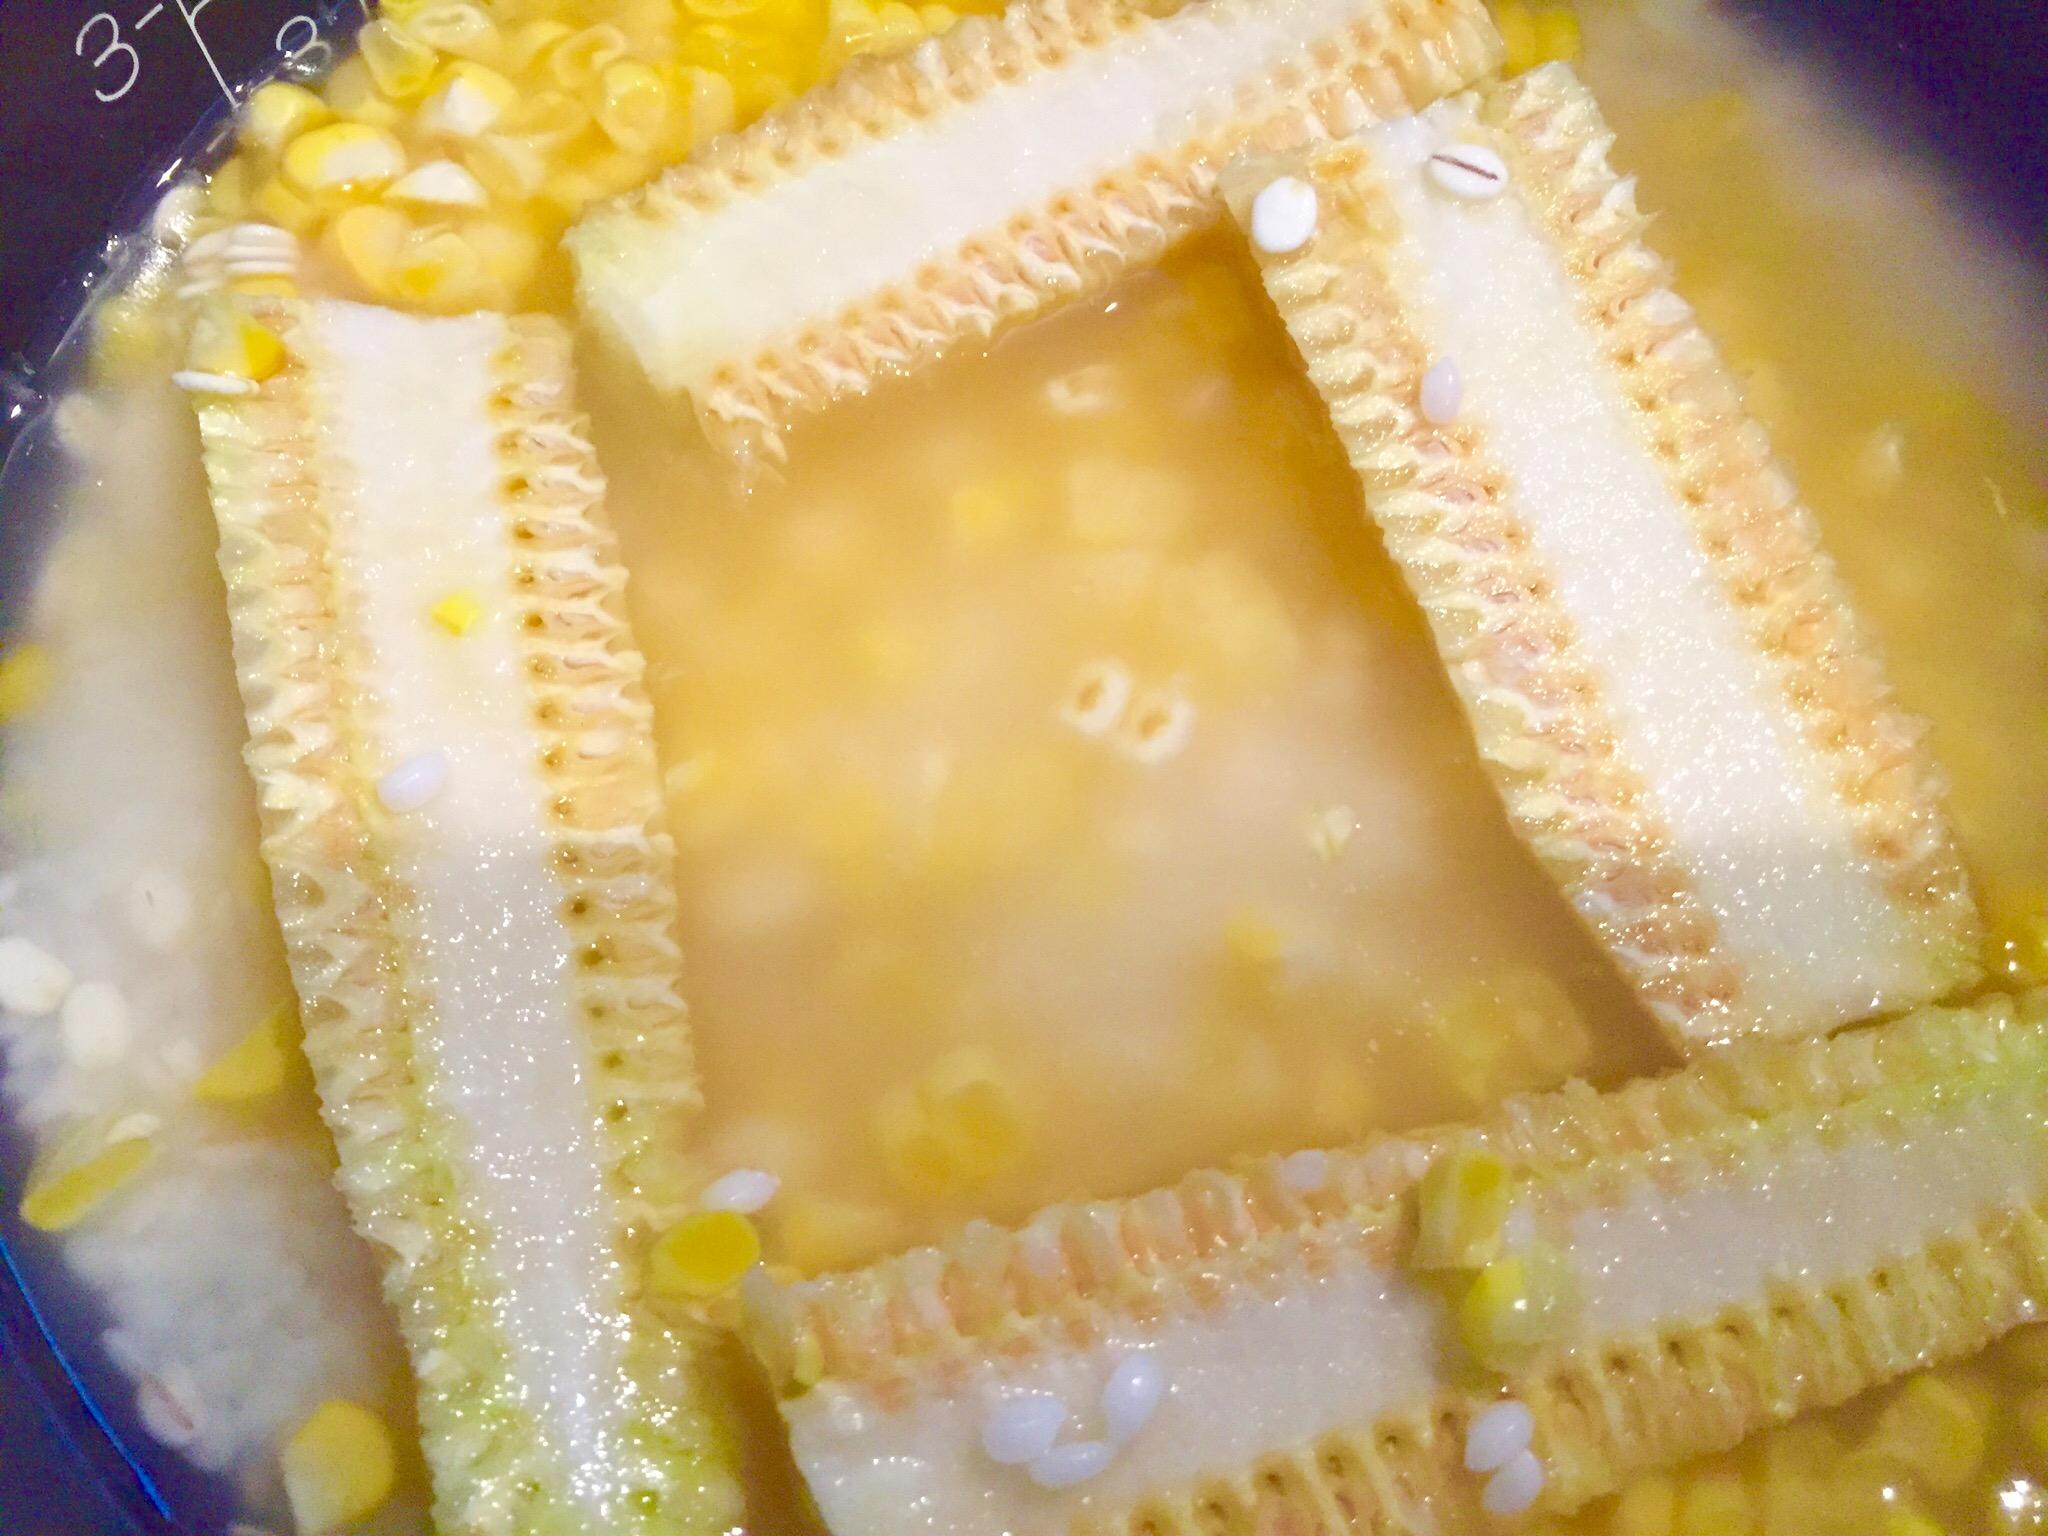 炊飯器に、お米、トウモロコシ、塩こうじを入れてよく混ぜ、トウモロコシの芯を置き炊飯スタート。